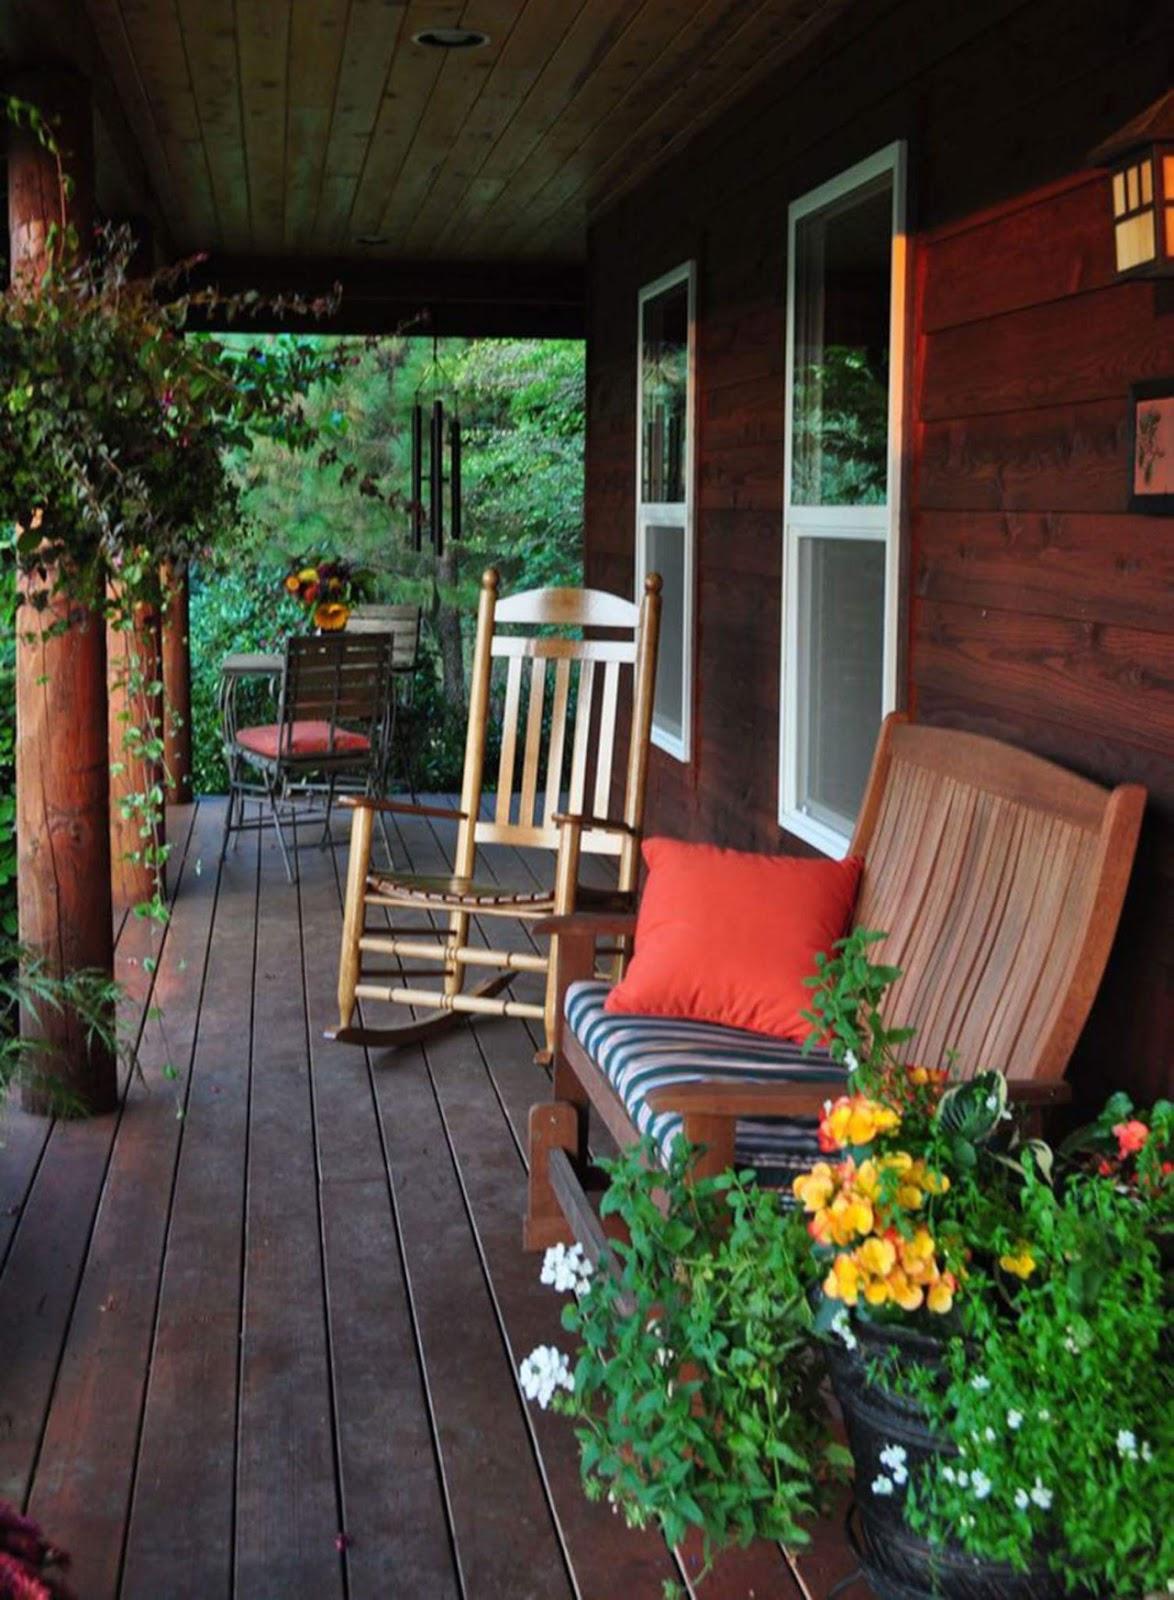 fauteuils sous un porche